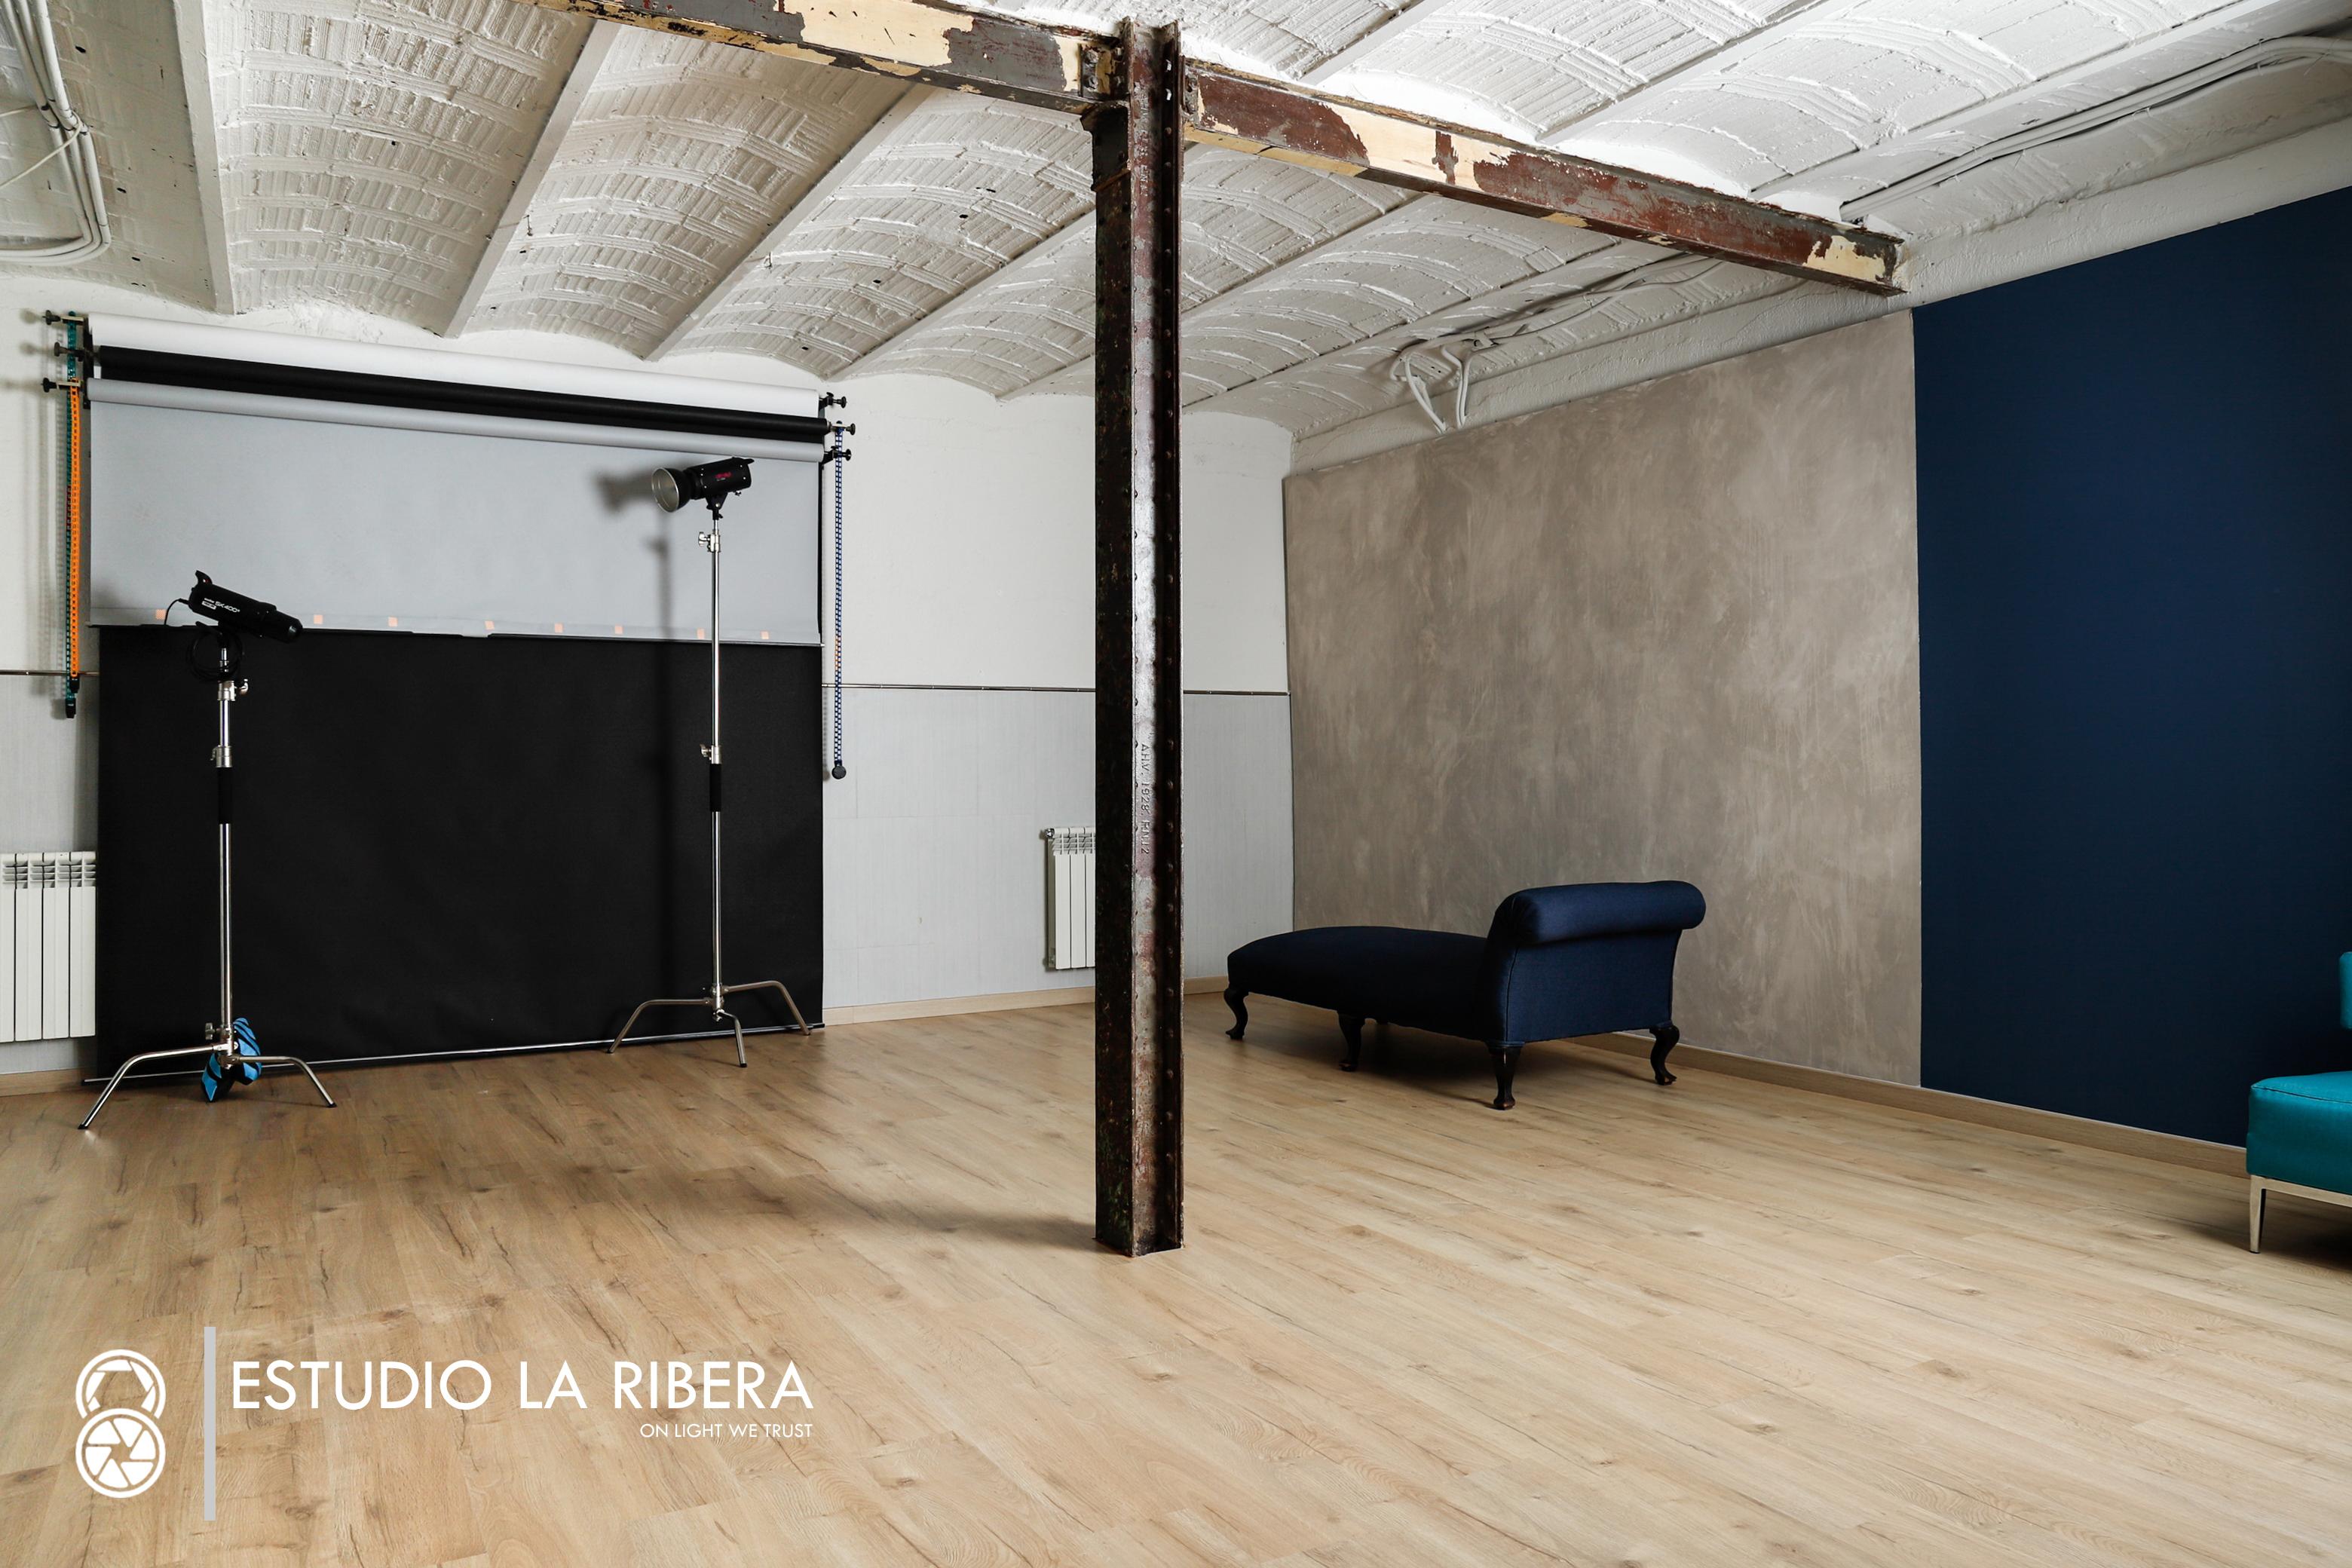 estudio_la_ribera_01